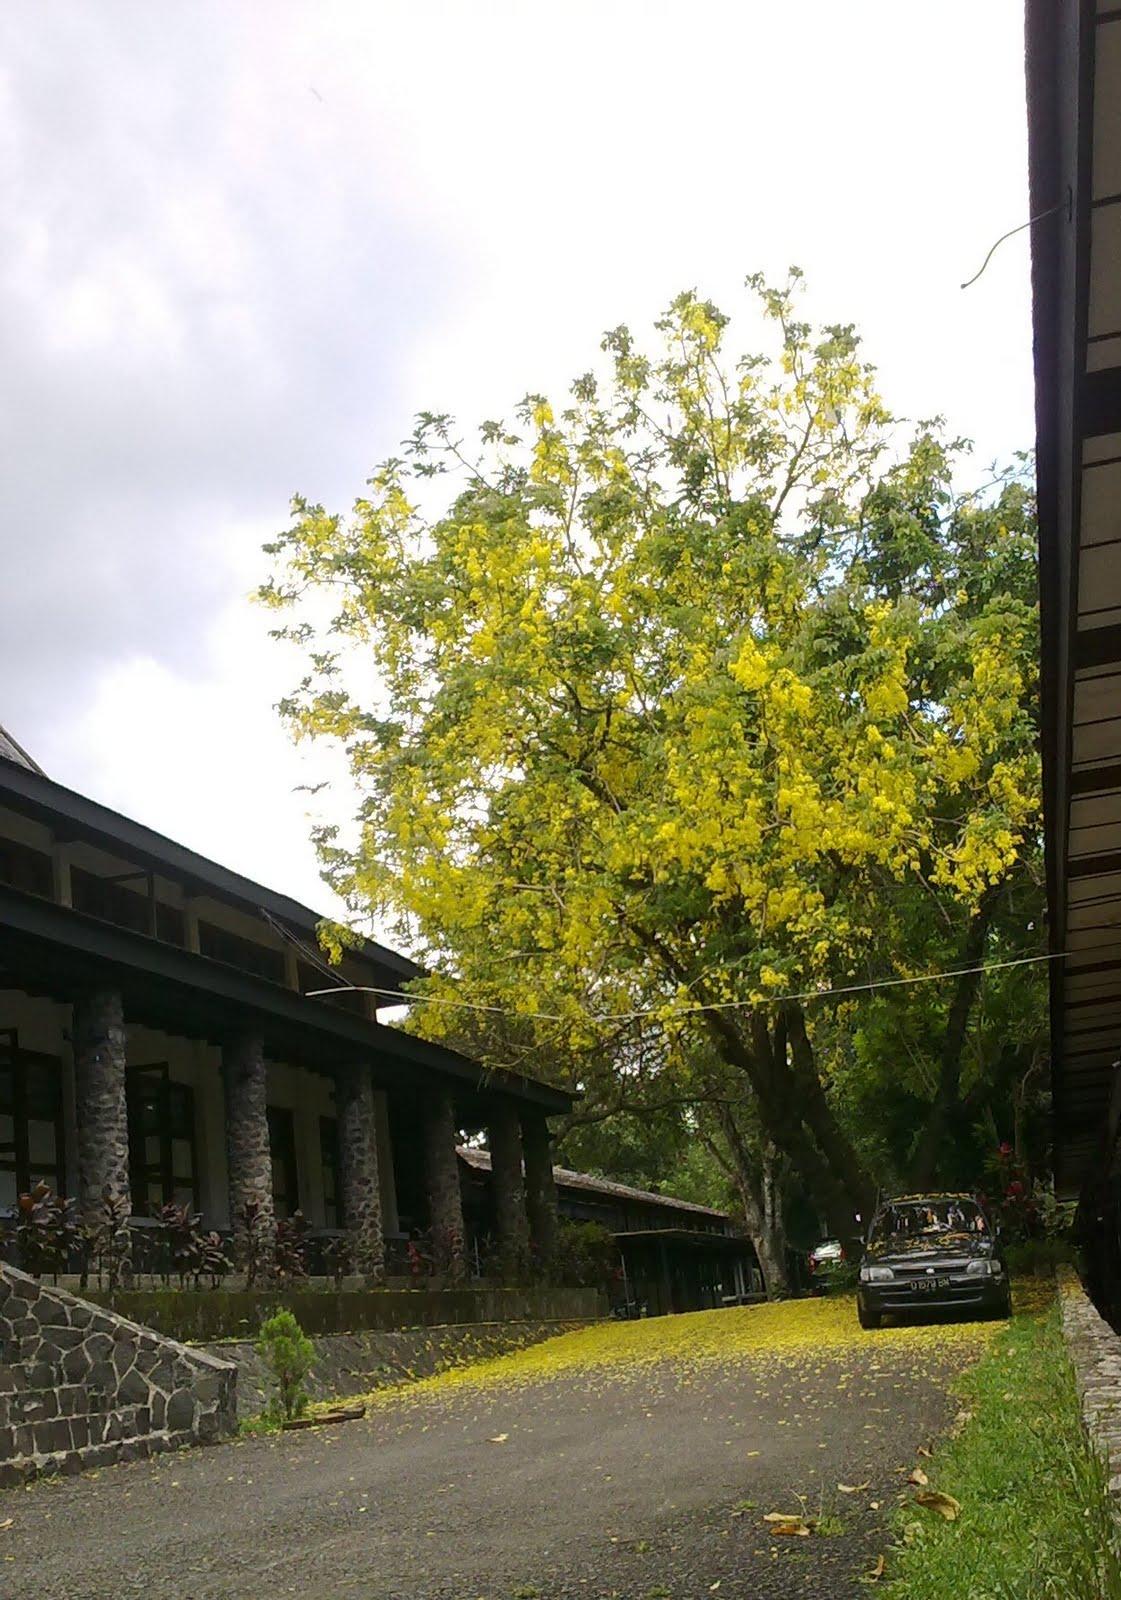 https://i1.wp.com/3.bp.blogspot.com/_Ug9sb9IJXvA/S-ICDBOa5UI/AAAAAAAAAQ8/oK0TuM8OElg/s1600/falls+yellow+tree.jpg